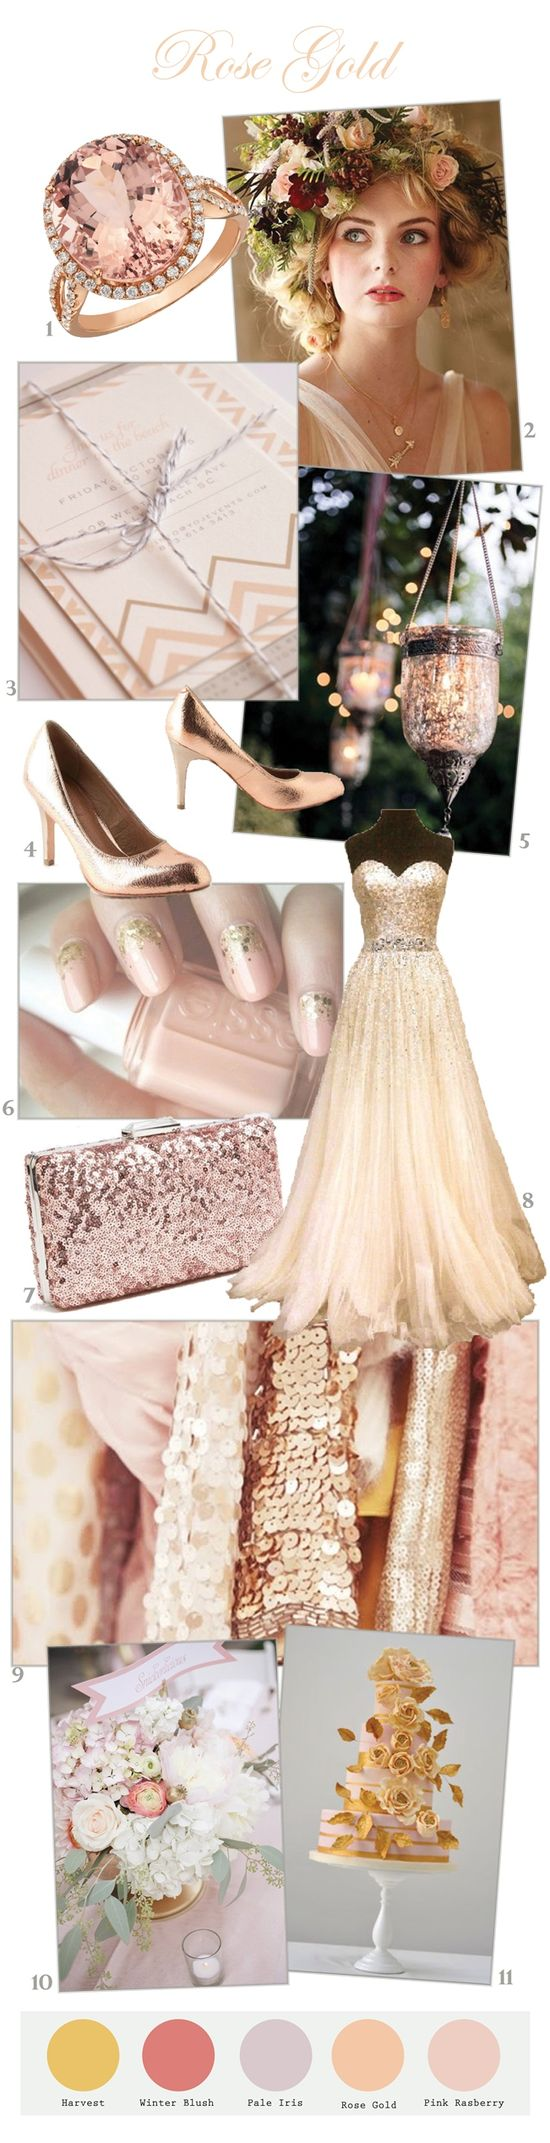 rose gold wedding color inspiration